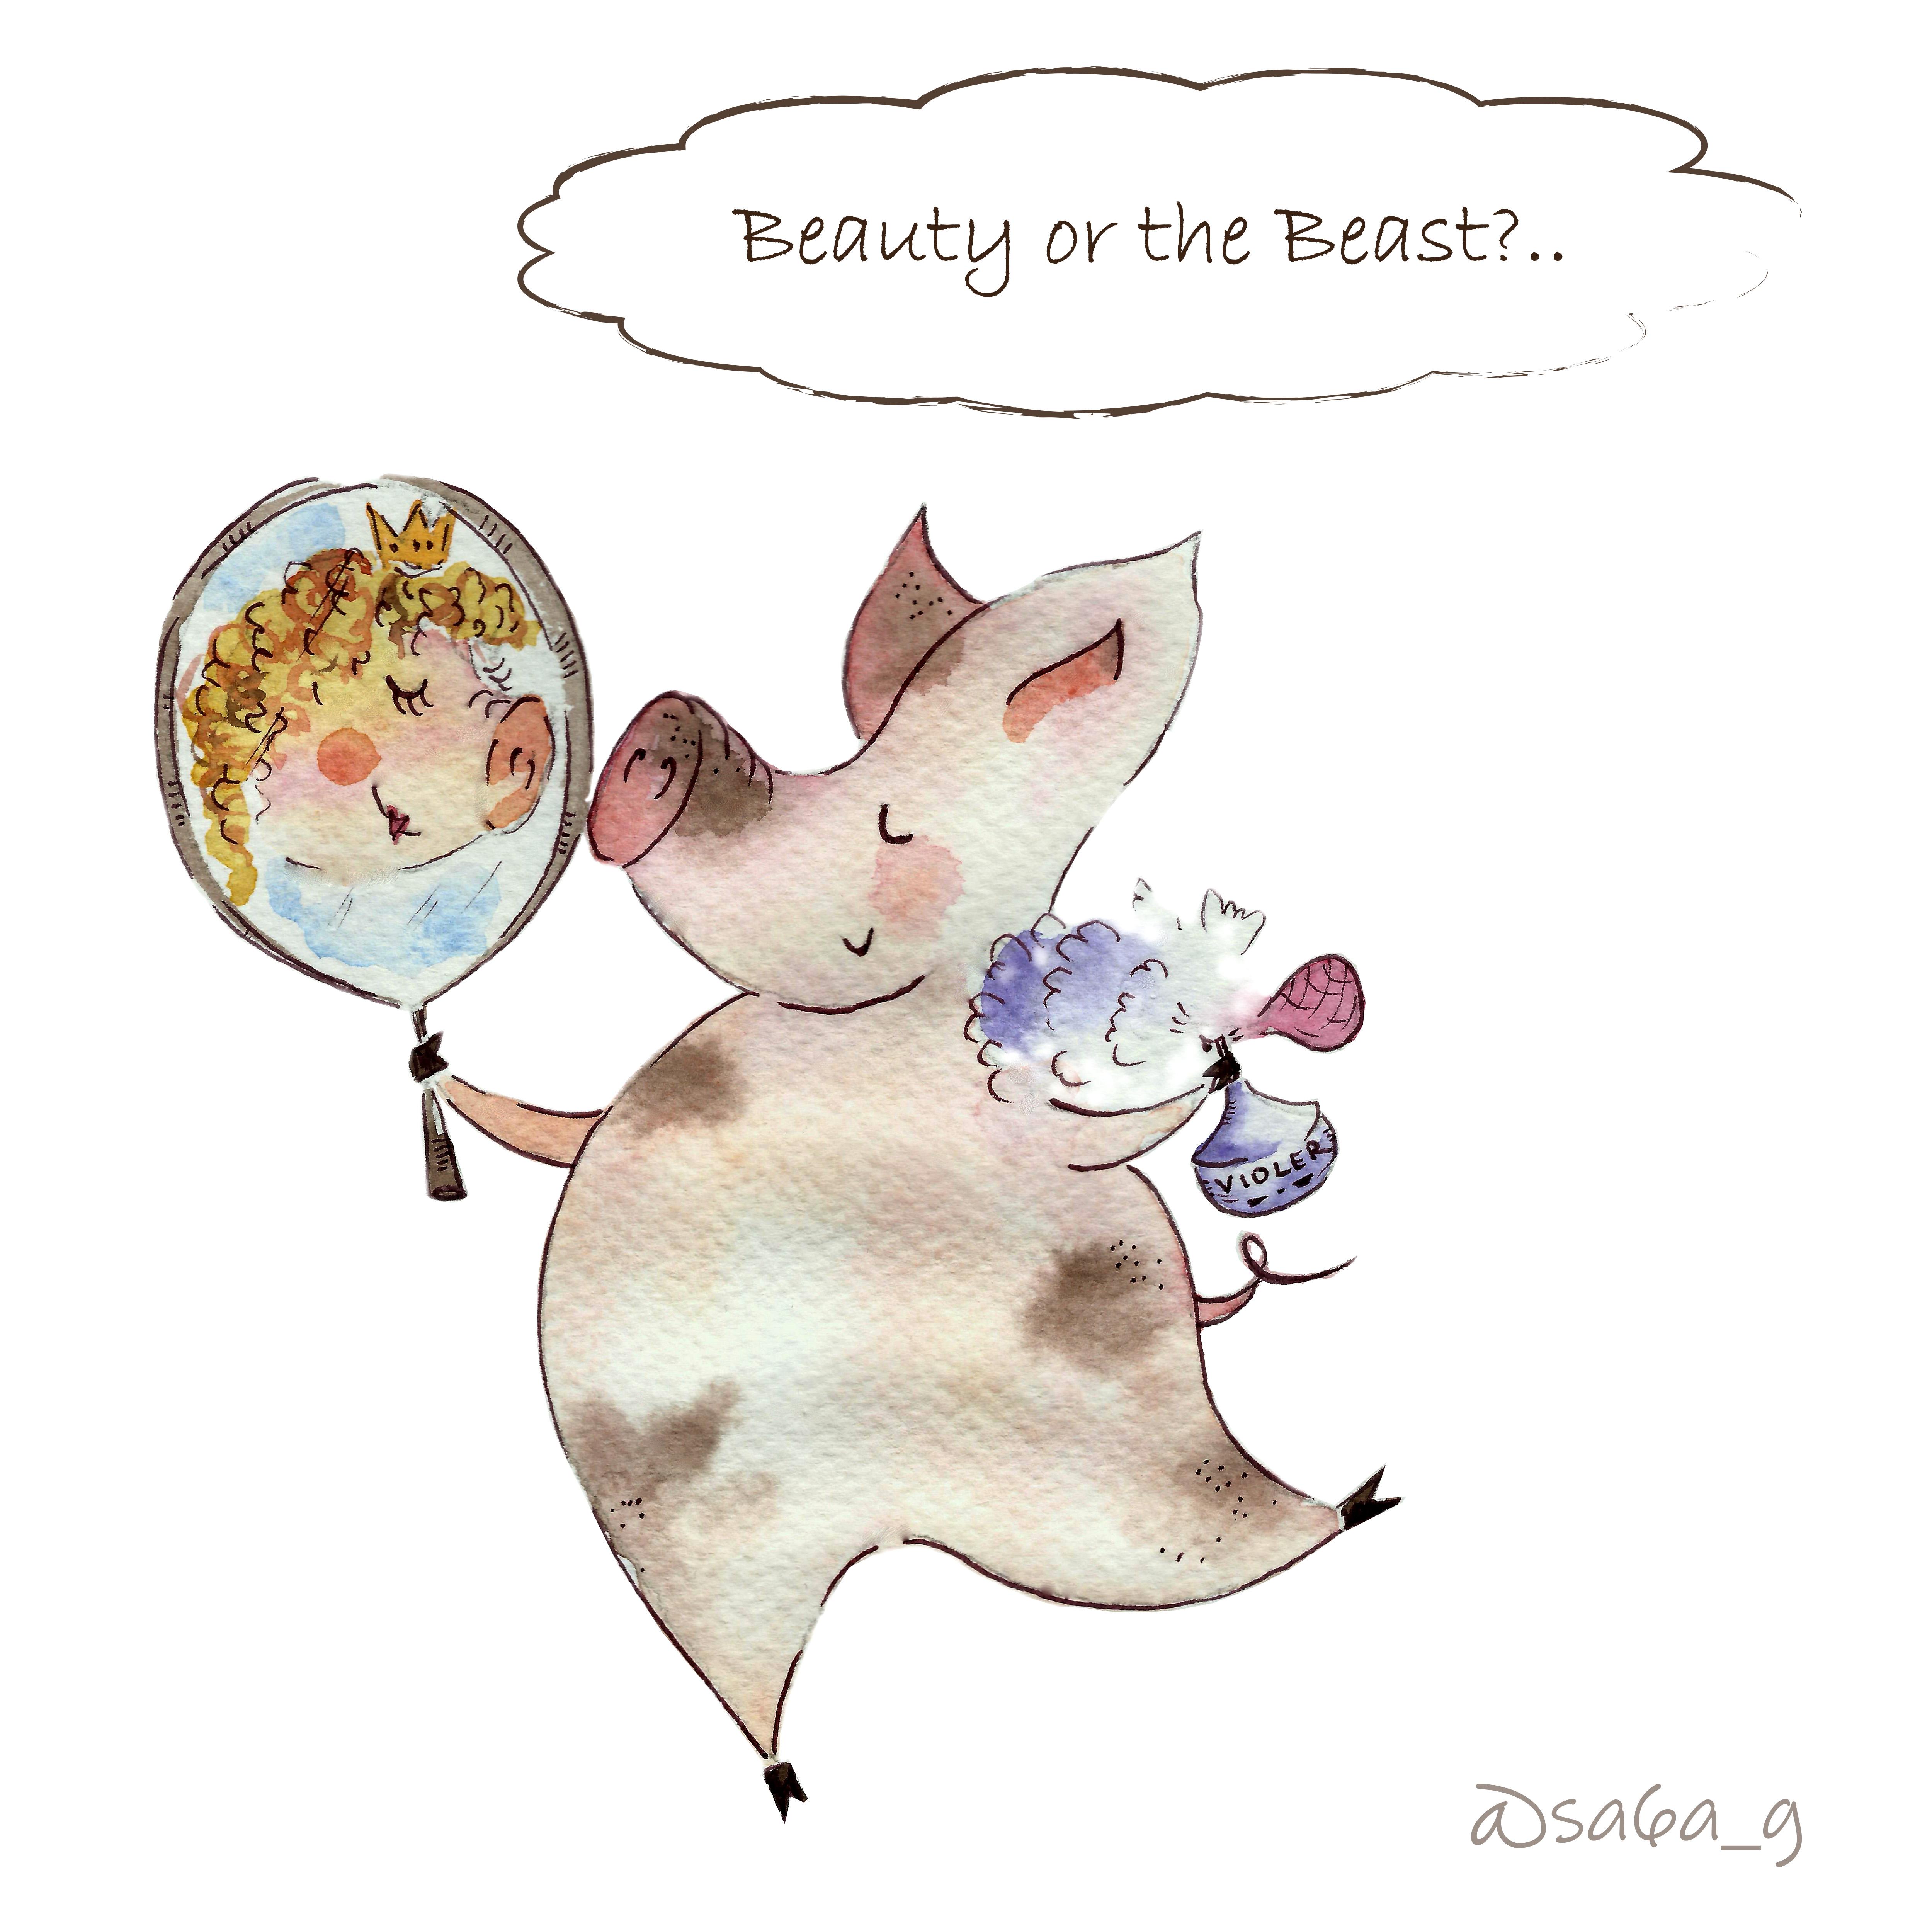 """En smutsig gris står framför en spegel och sprutar på sig parfym. Grisen ser sin spegelbild som en mycket finare gris än den egentligen är. Ovanför bilden är en tankebubbla med texten """"Beauty or the Beast?..."""""""